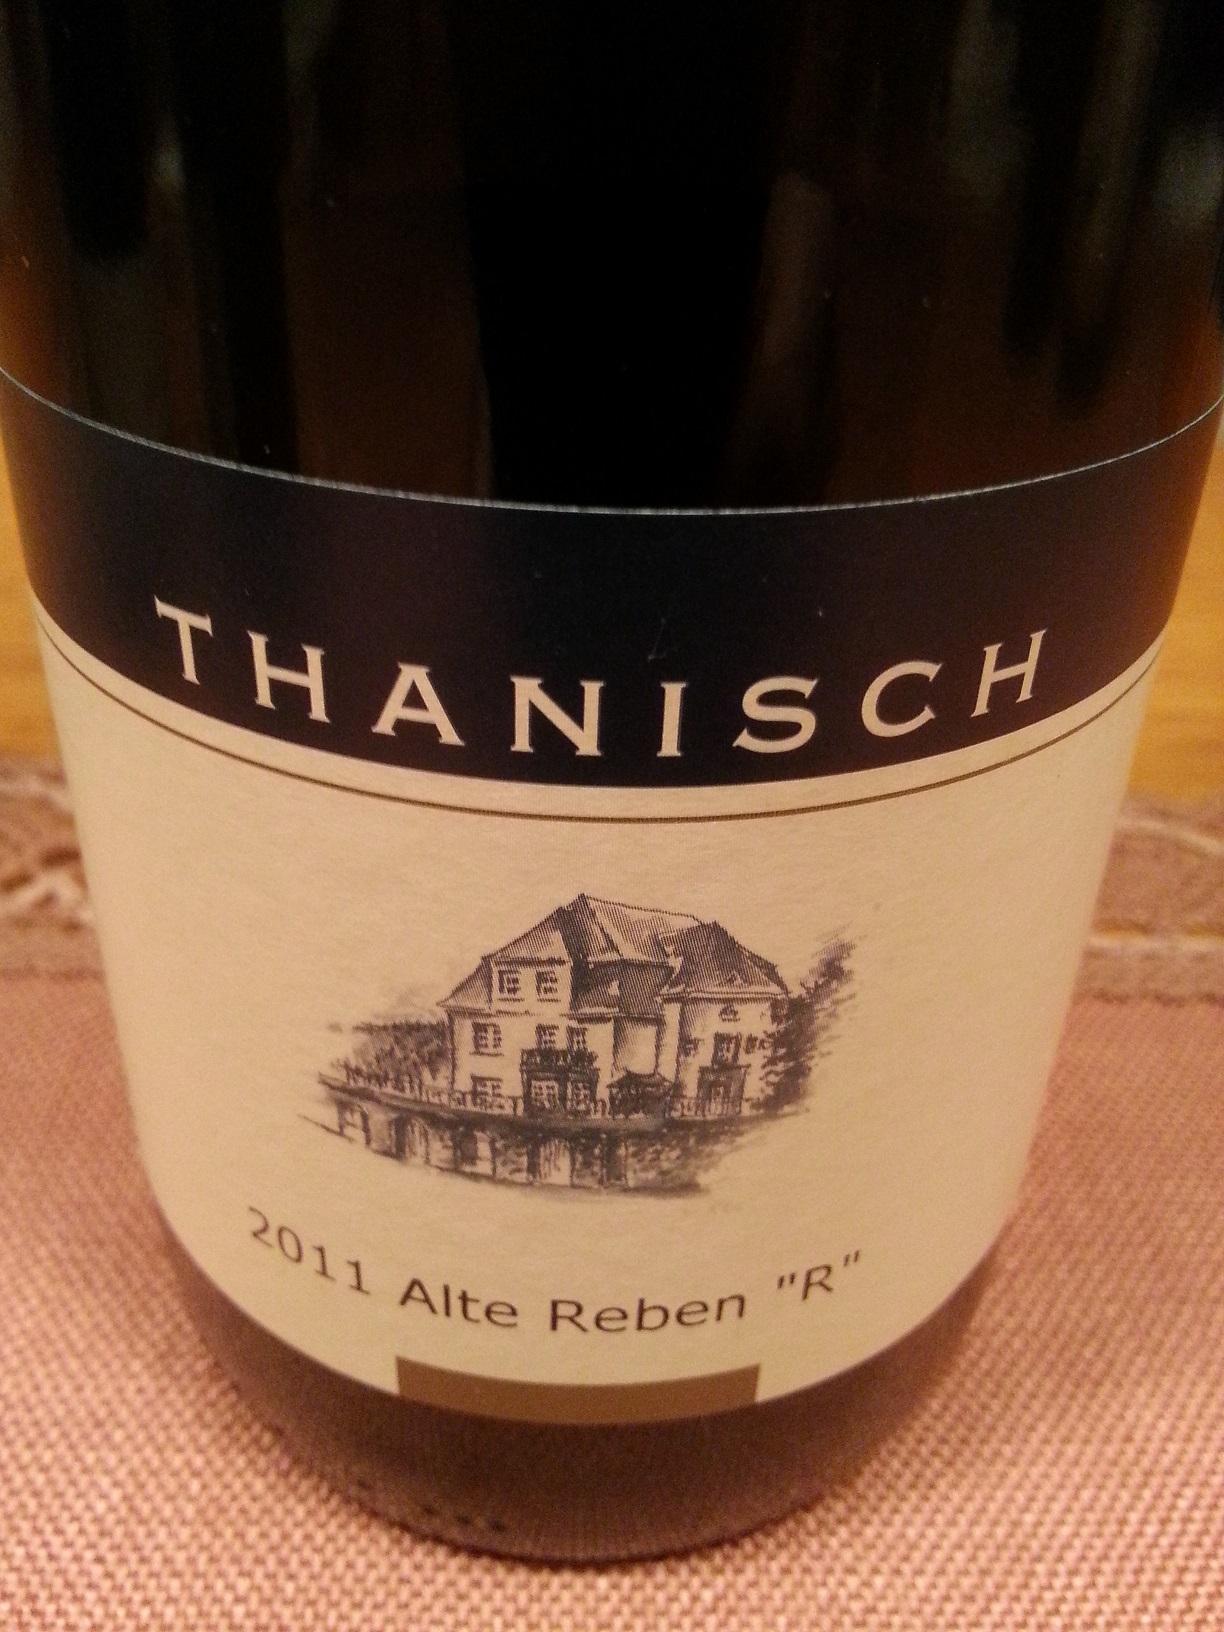 2011 Riesling Alte Reben | Thanisch